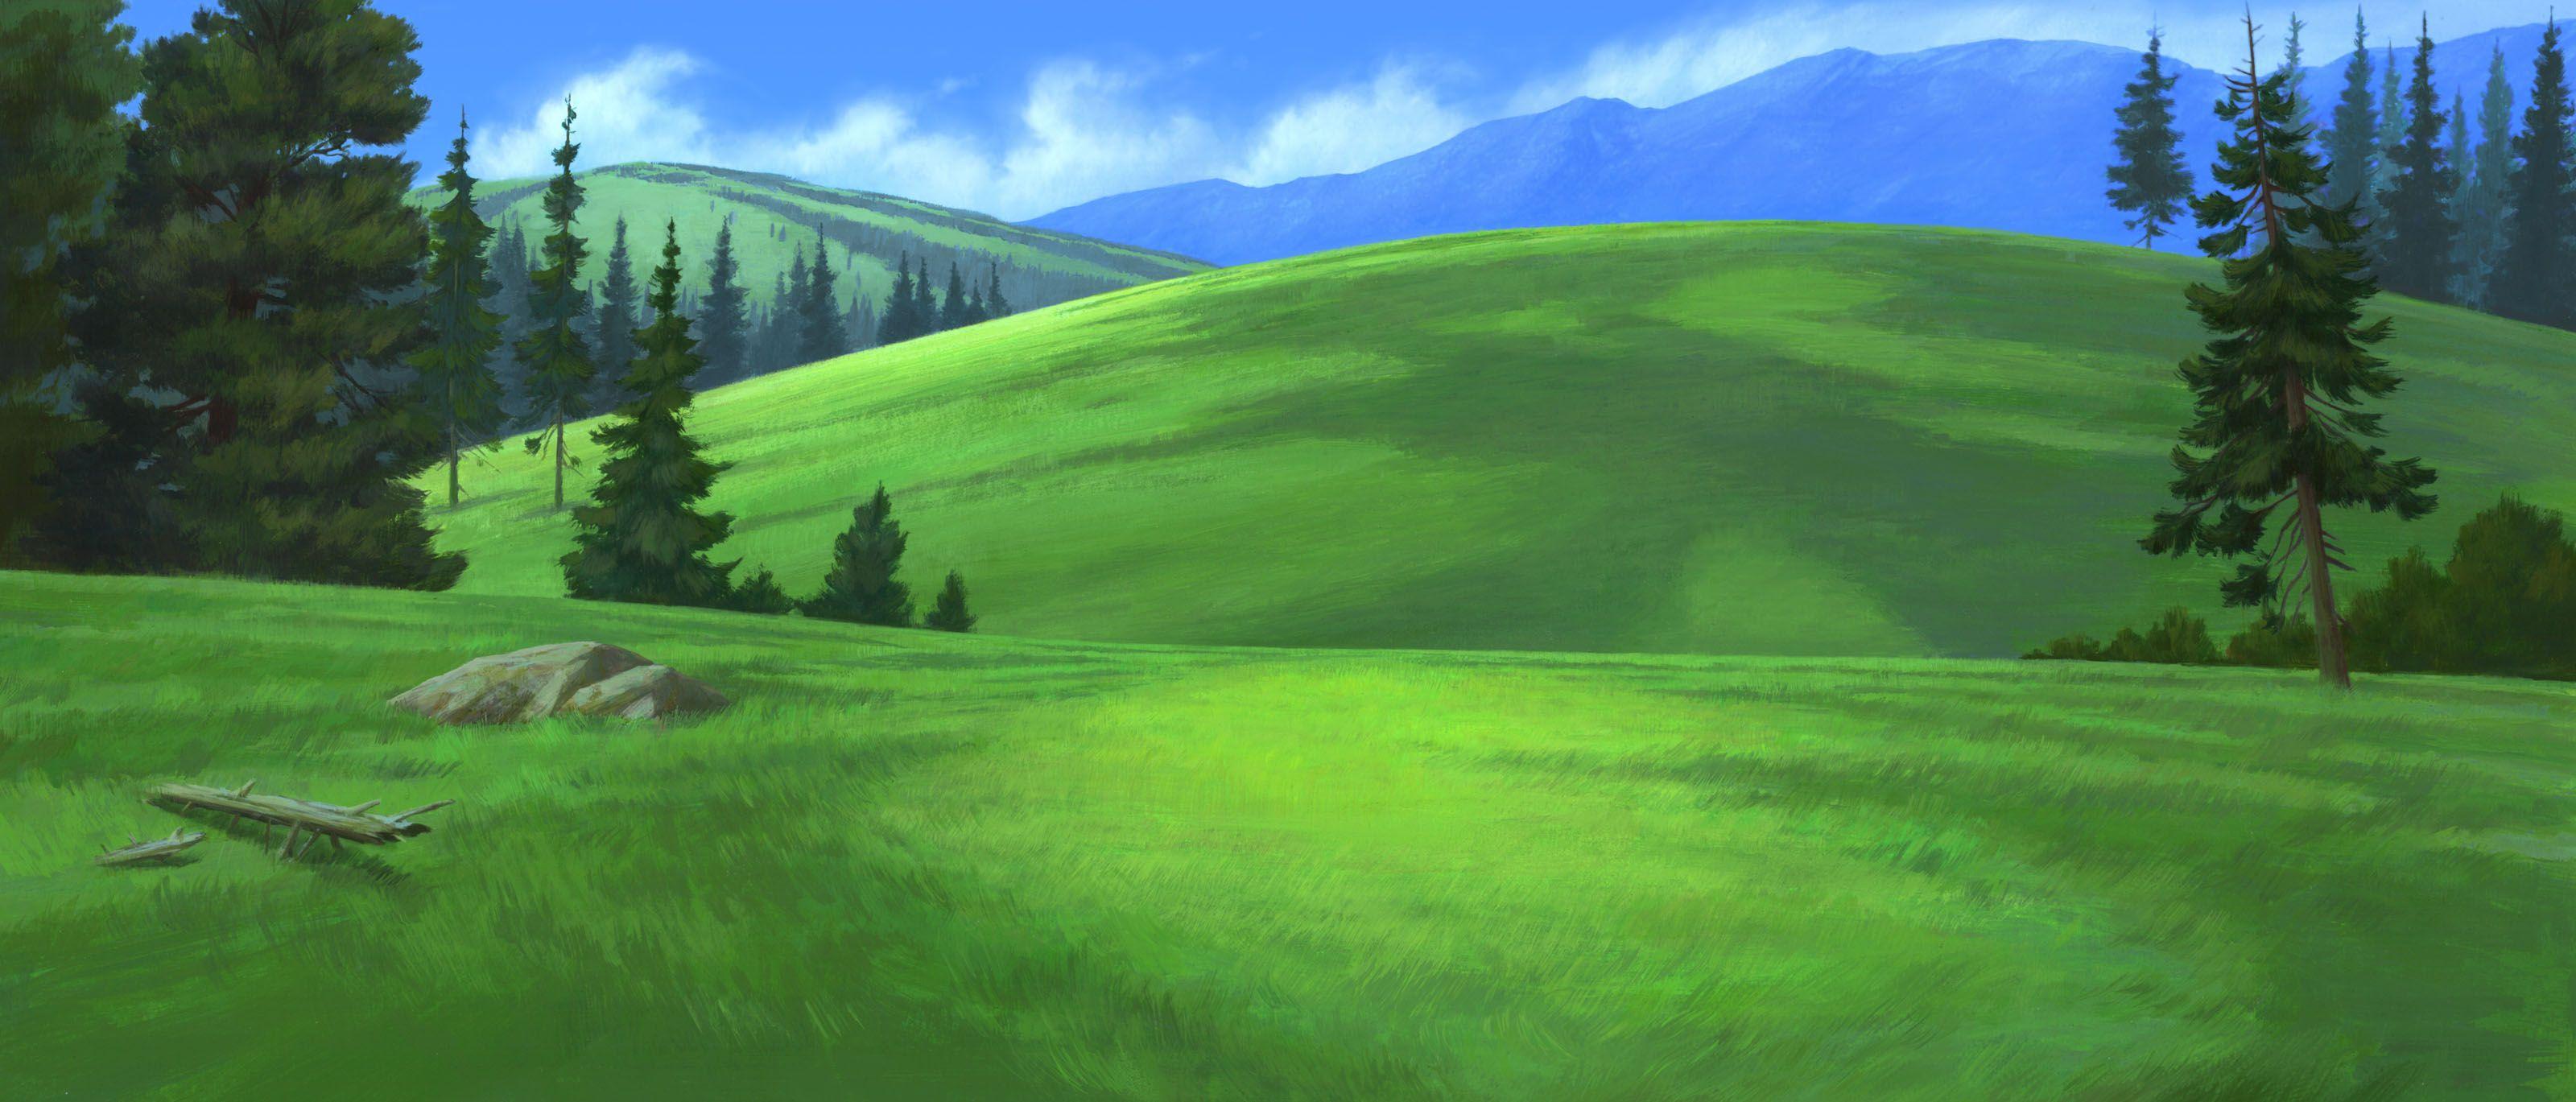 Background From Spirit Stallion Of The Cimarron Anime Scenery Spirit The Horse Scenery Wallpaper